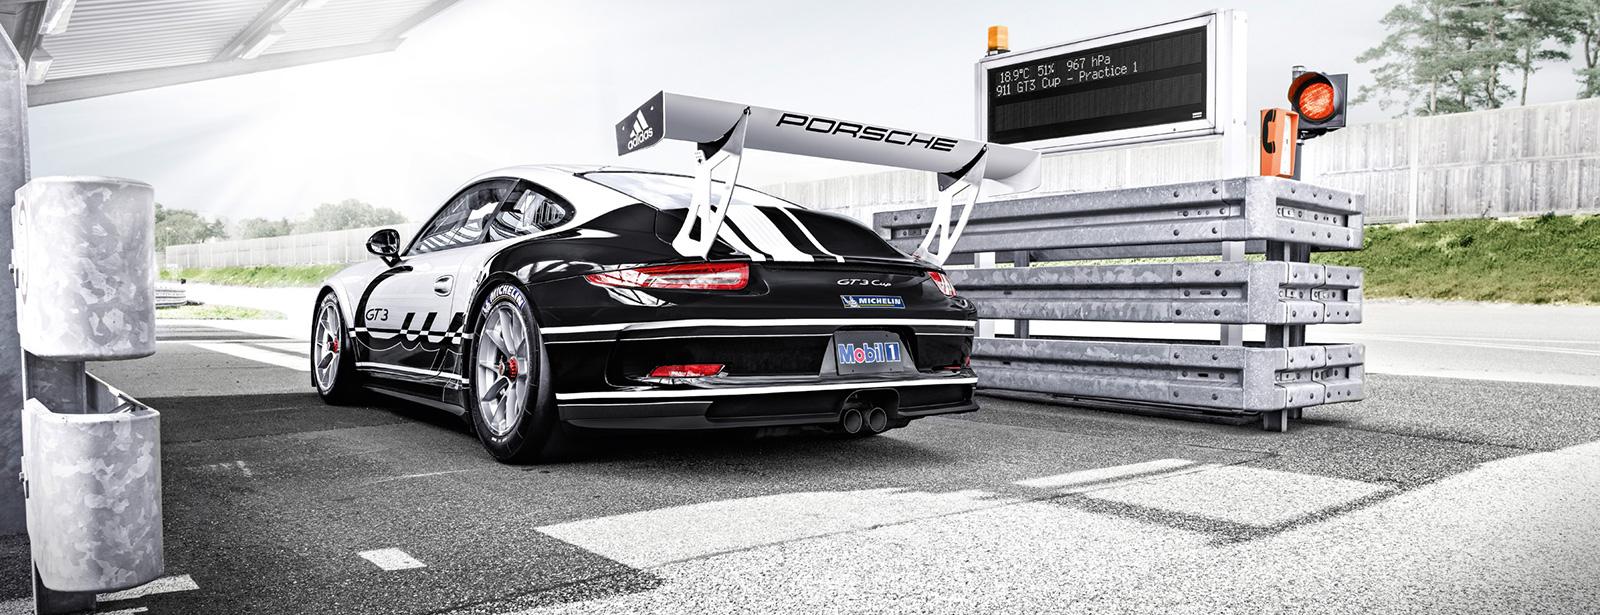 Porsche Race Check